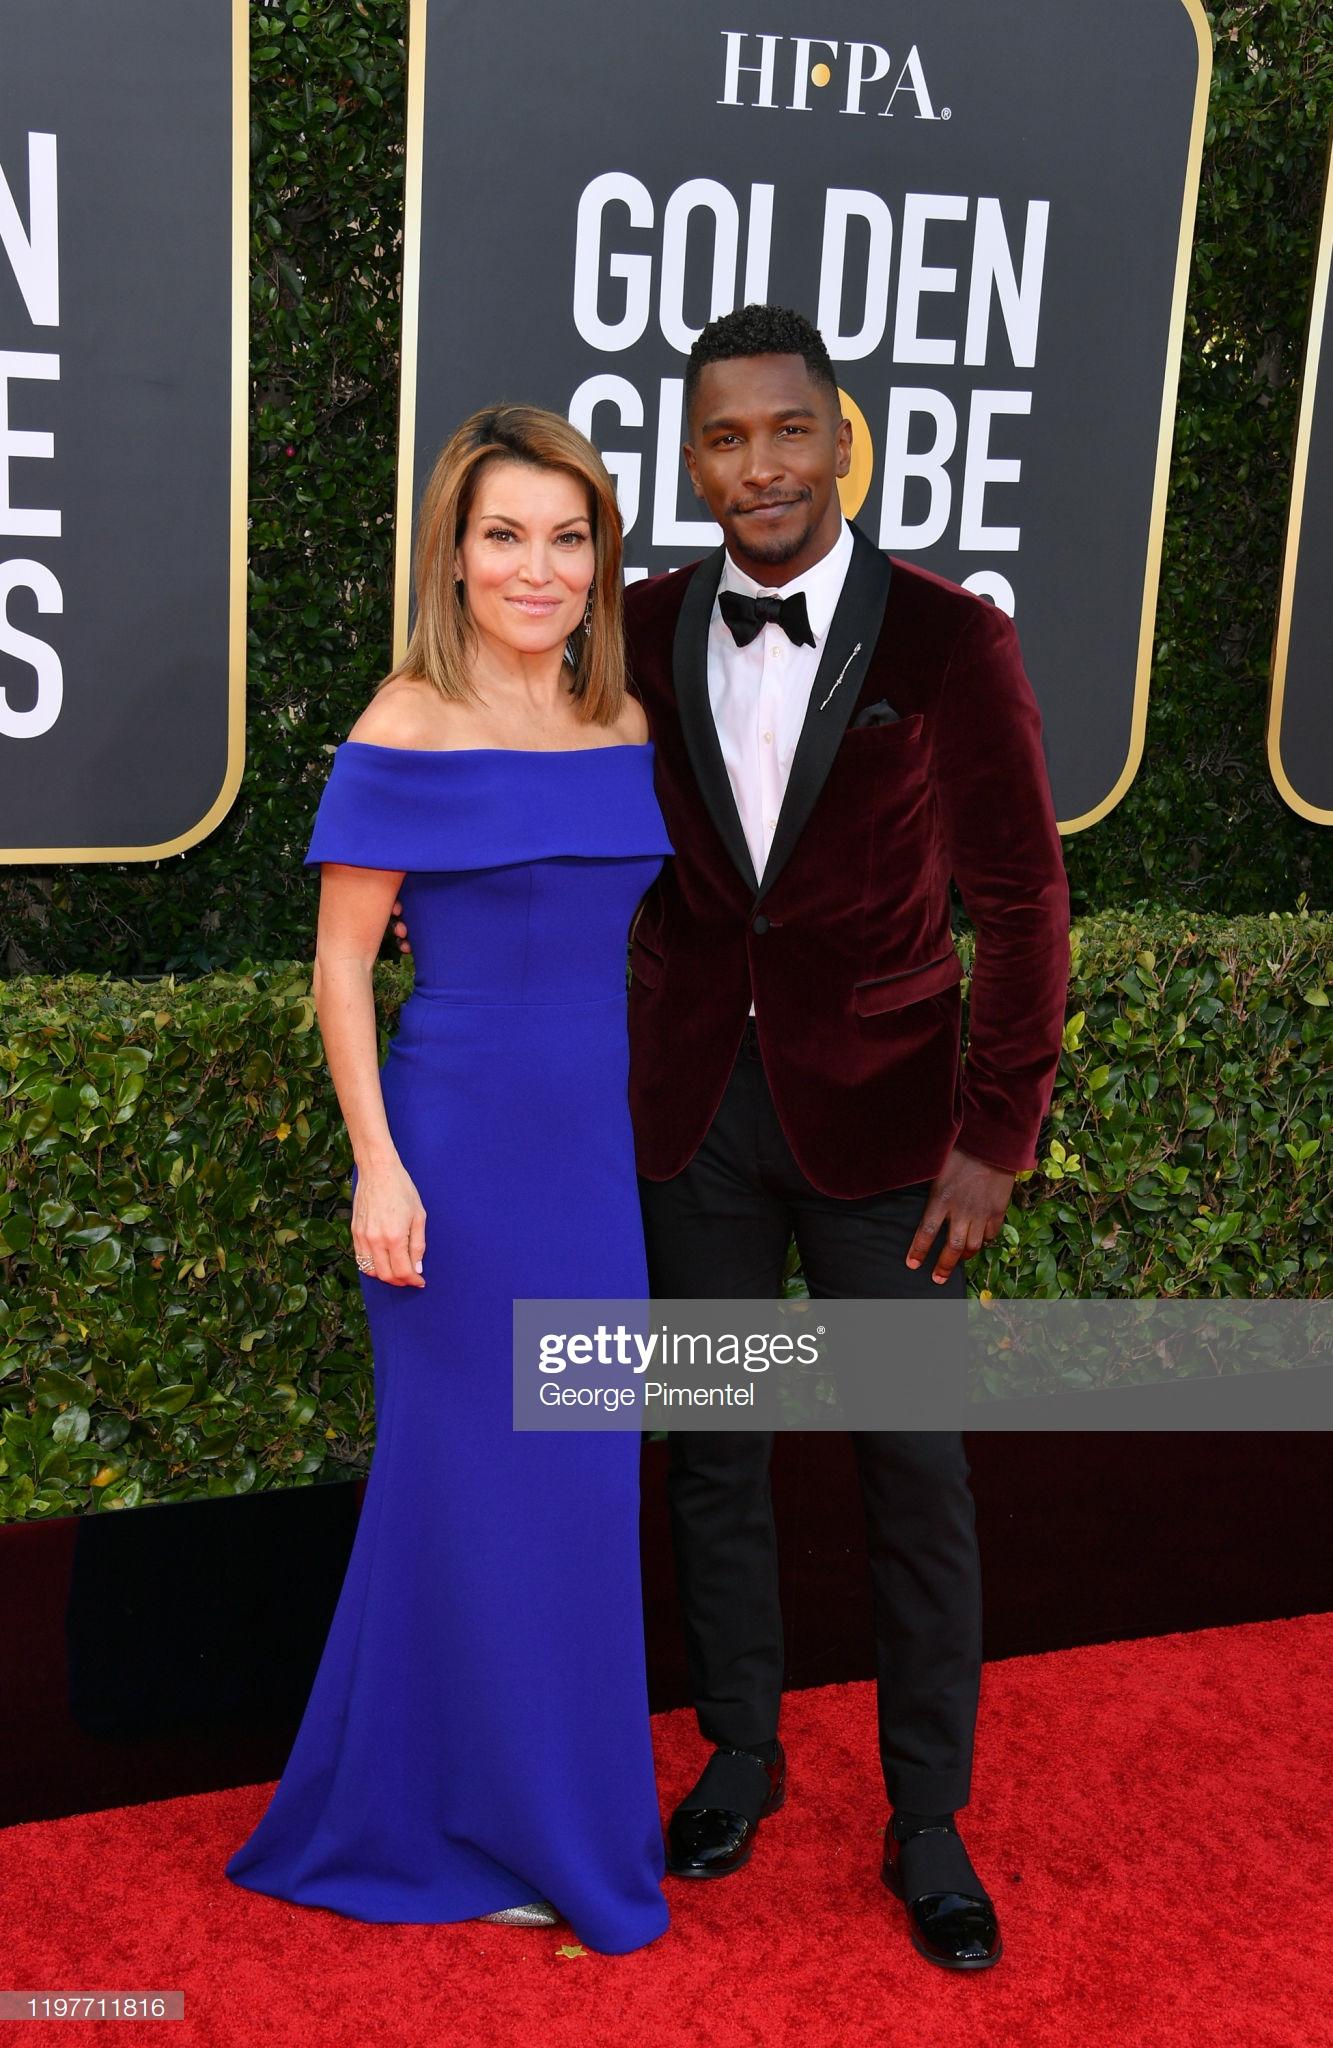 Kit Hoover và Scott Evans sóng đôi trên thảm đỏ. Nếu Kit Hoover trọn bộ cánh àu xanh cổ điển bắt trend 2020 thì nam diễn viên Scott Evans lịch lãm trong trang phục vest.